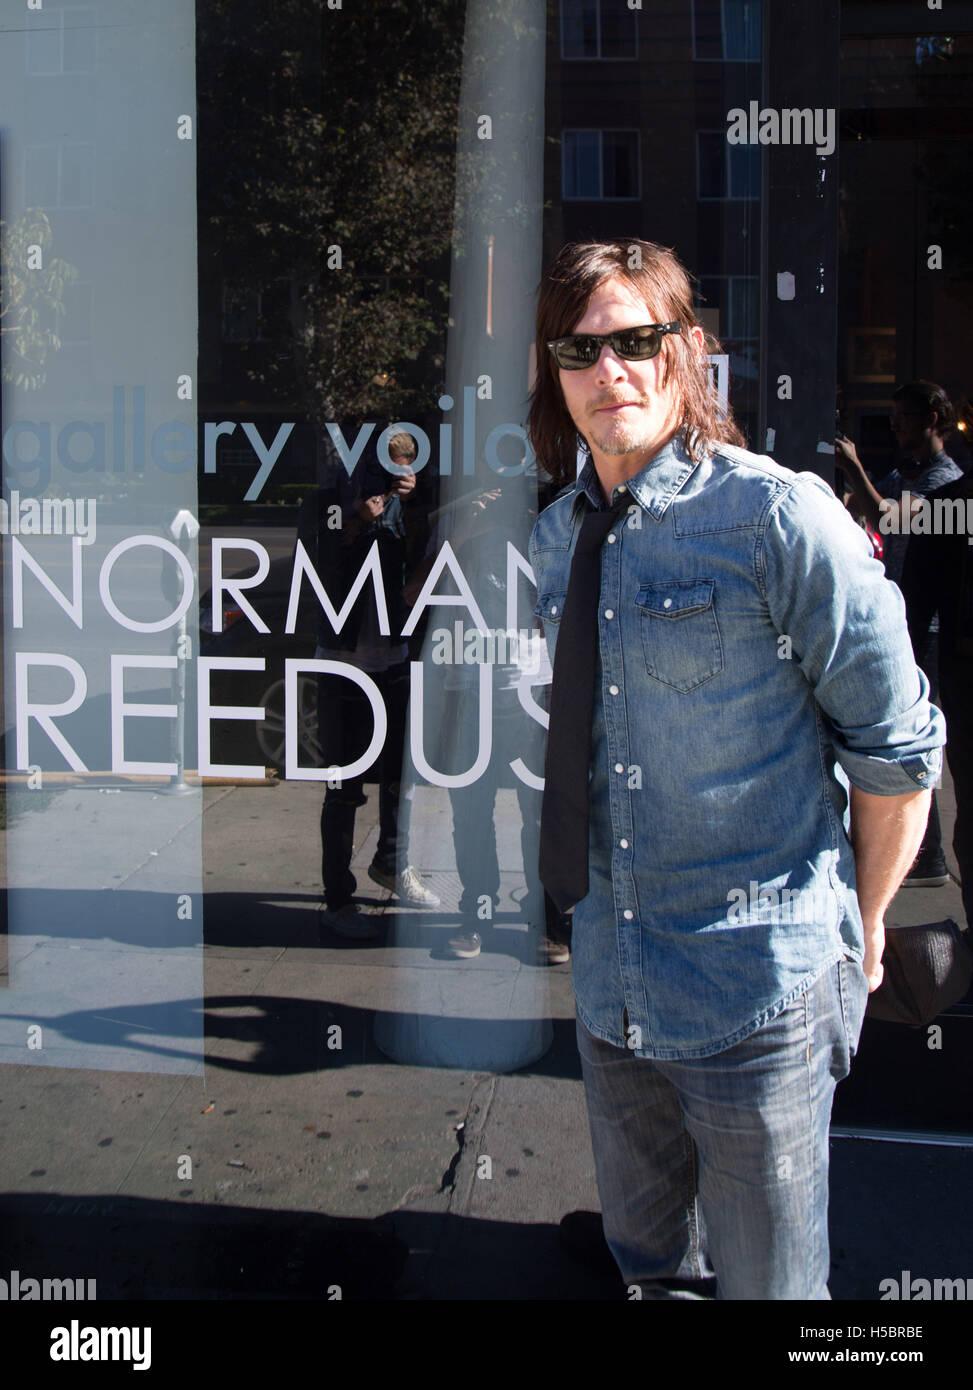 Attore Norman Reedus assiste Norman Reedus: una raffinata arte della fotografia mostra a Voila! Galleria il 22 novembre 2015 a Los Angeles, California, Stati Uniti d'America Foto Stock